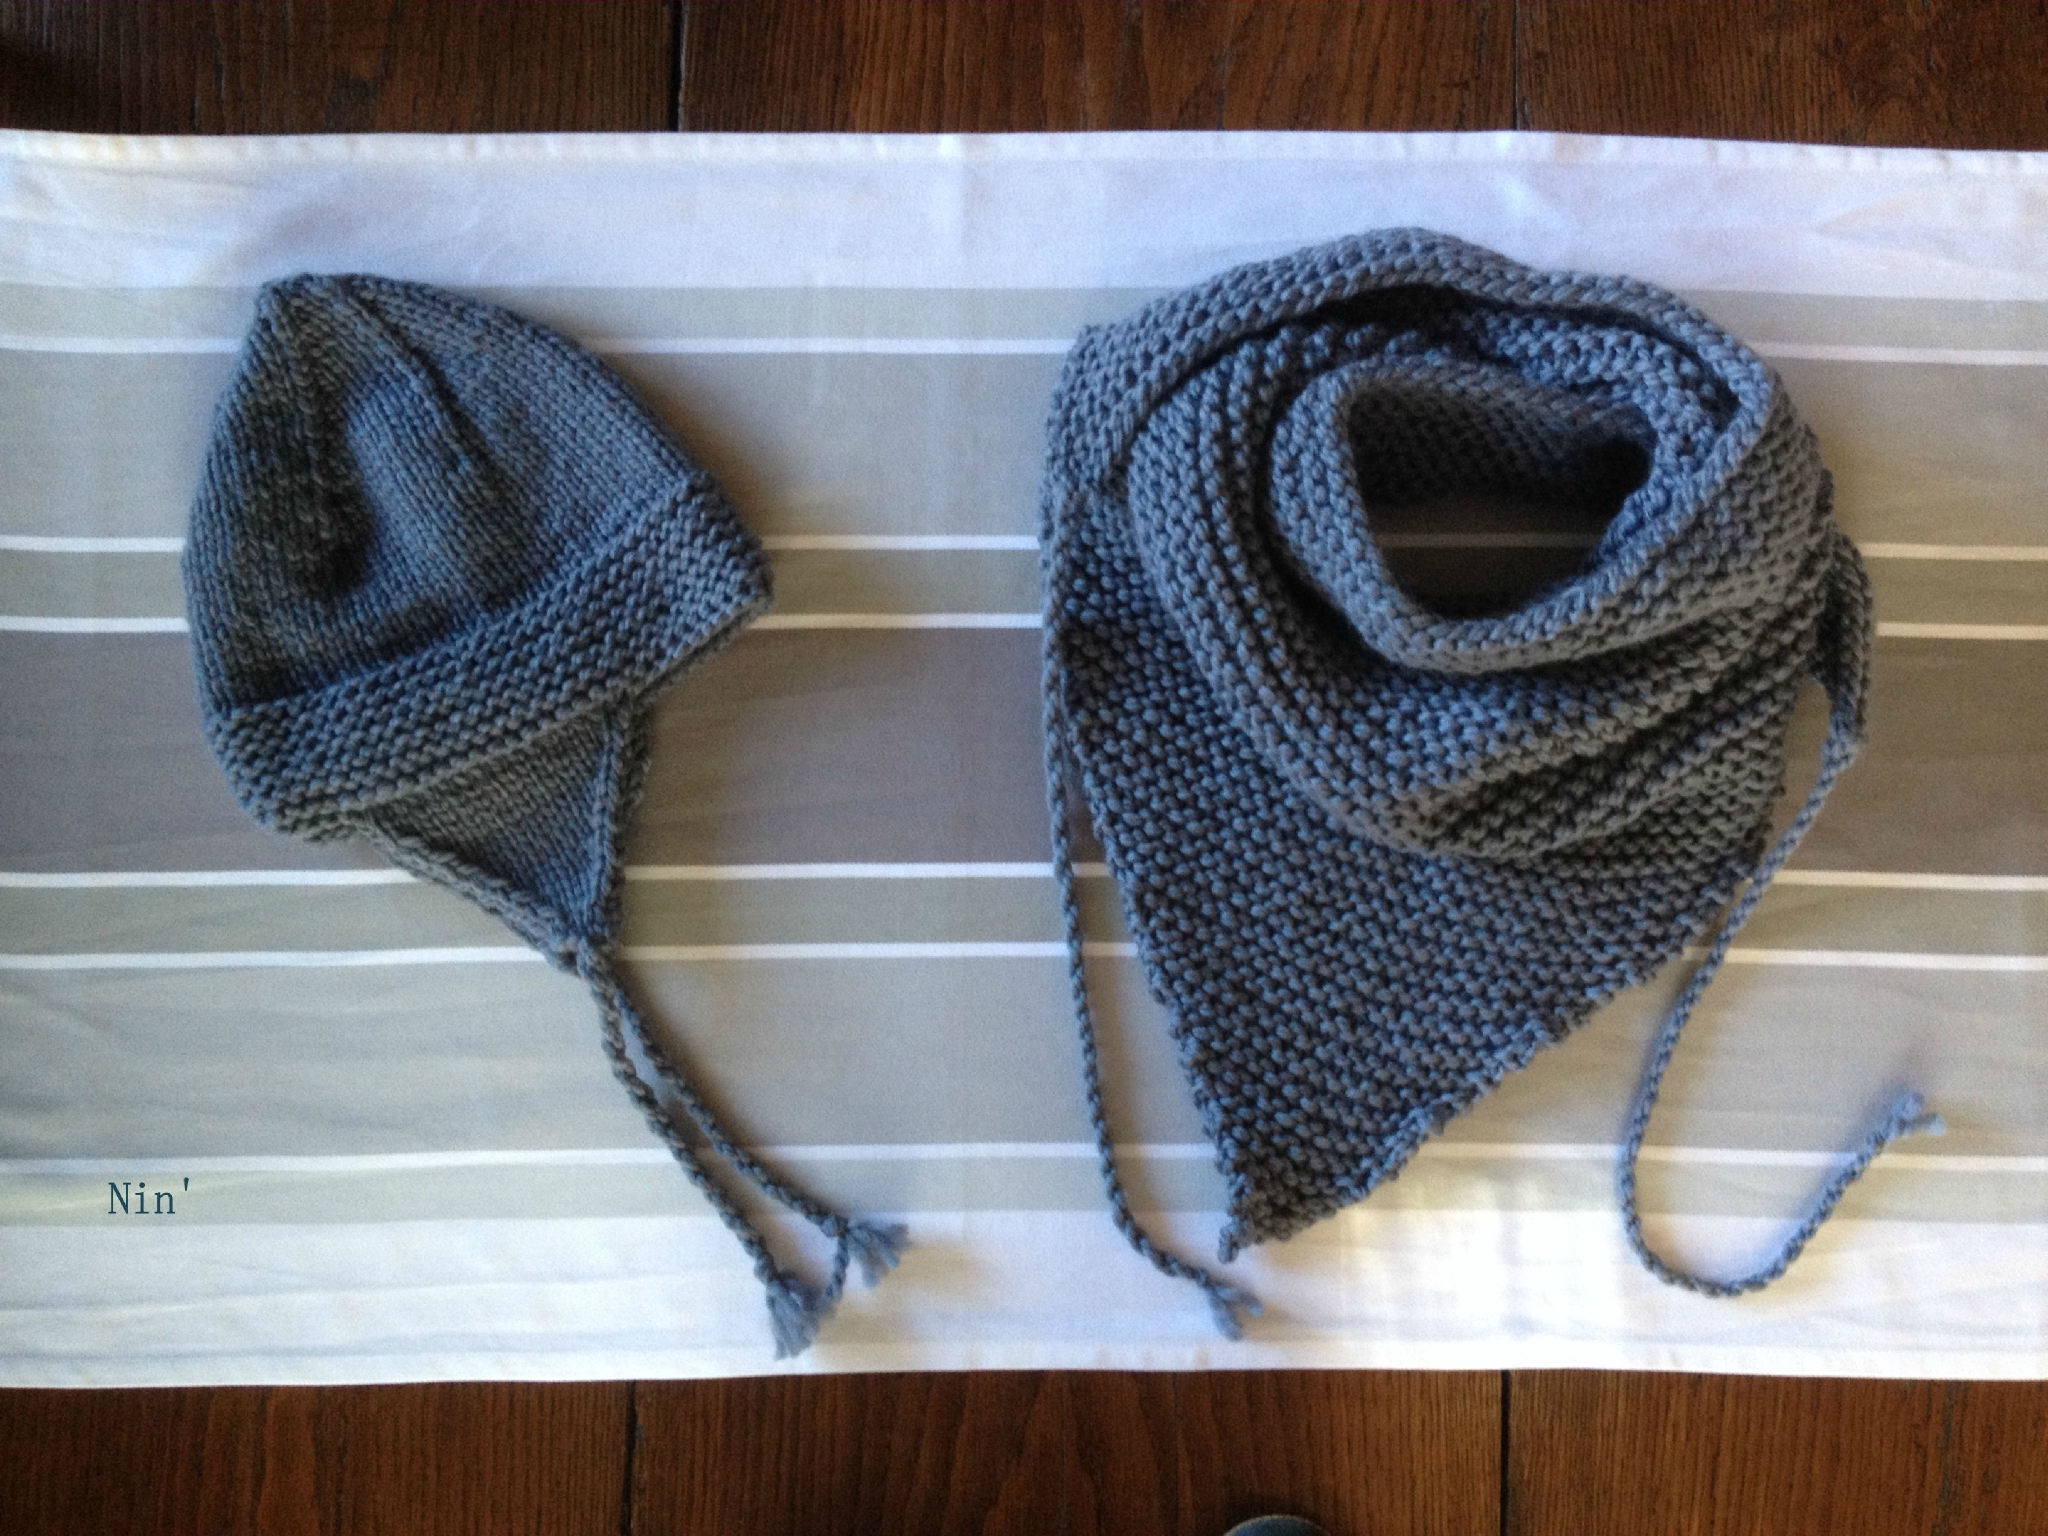 cliché modèle tricot bonnet peruvien naissance bouton source 7a05798484c